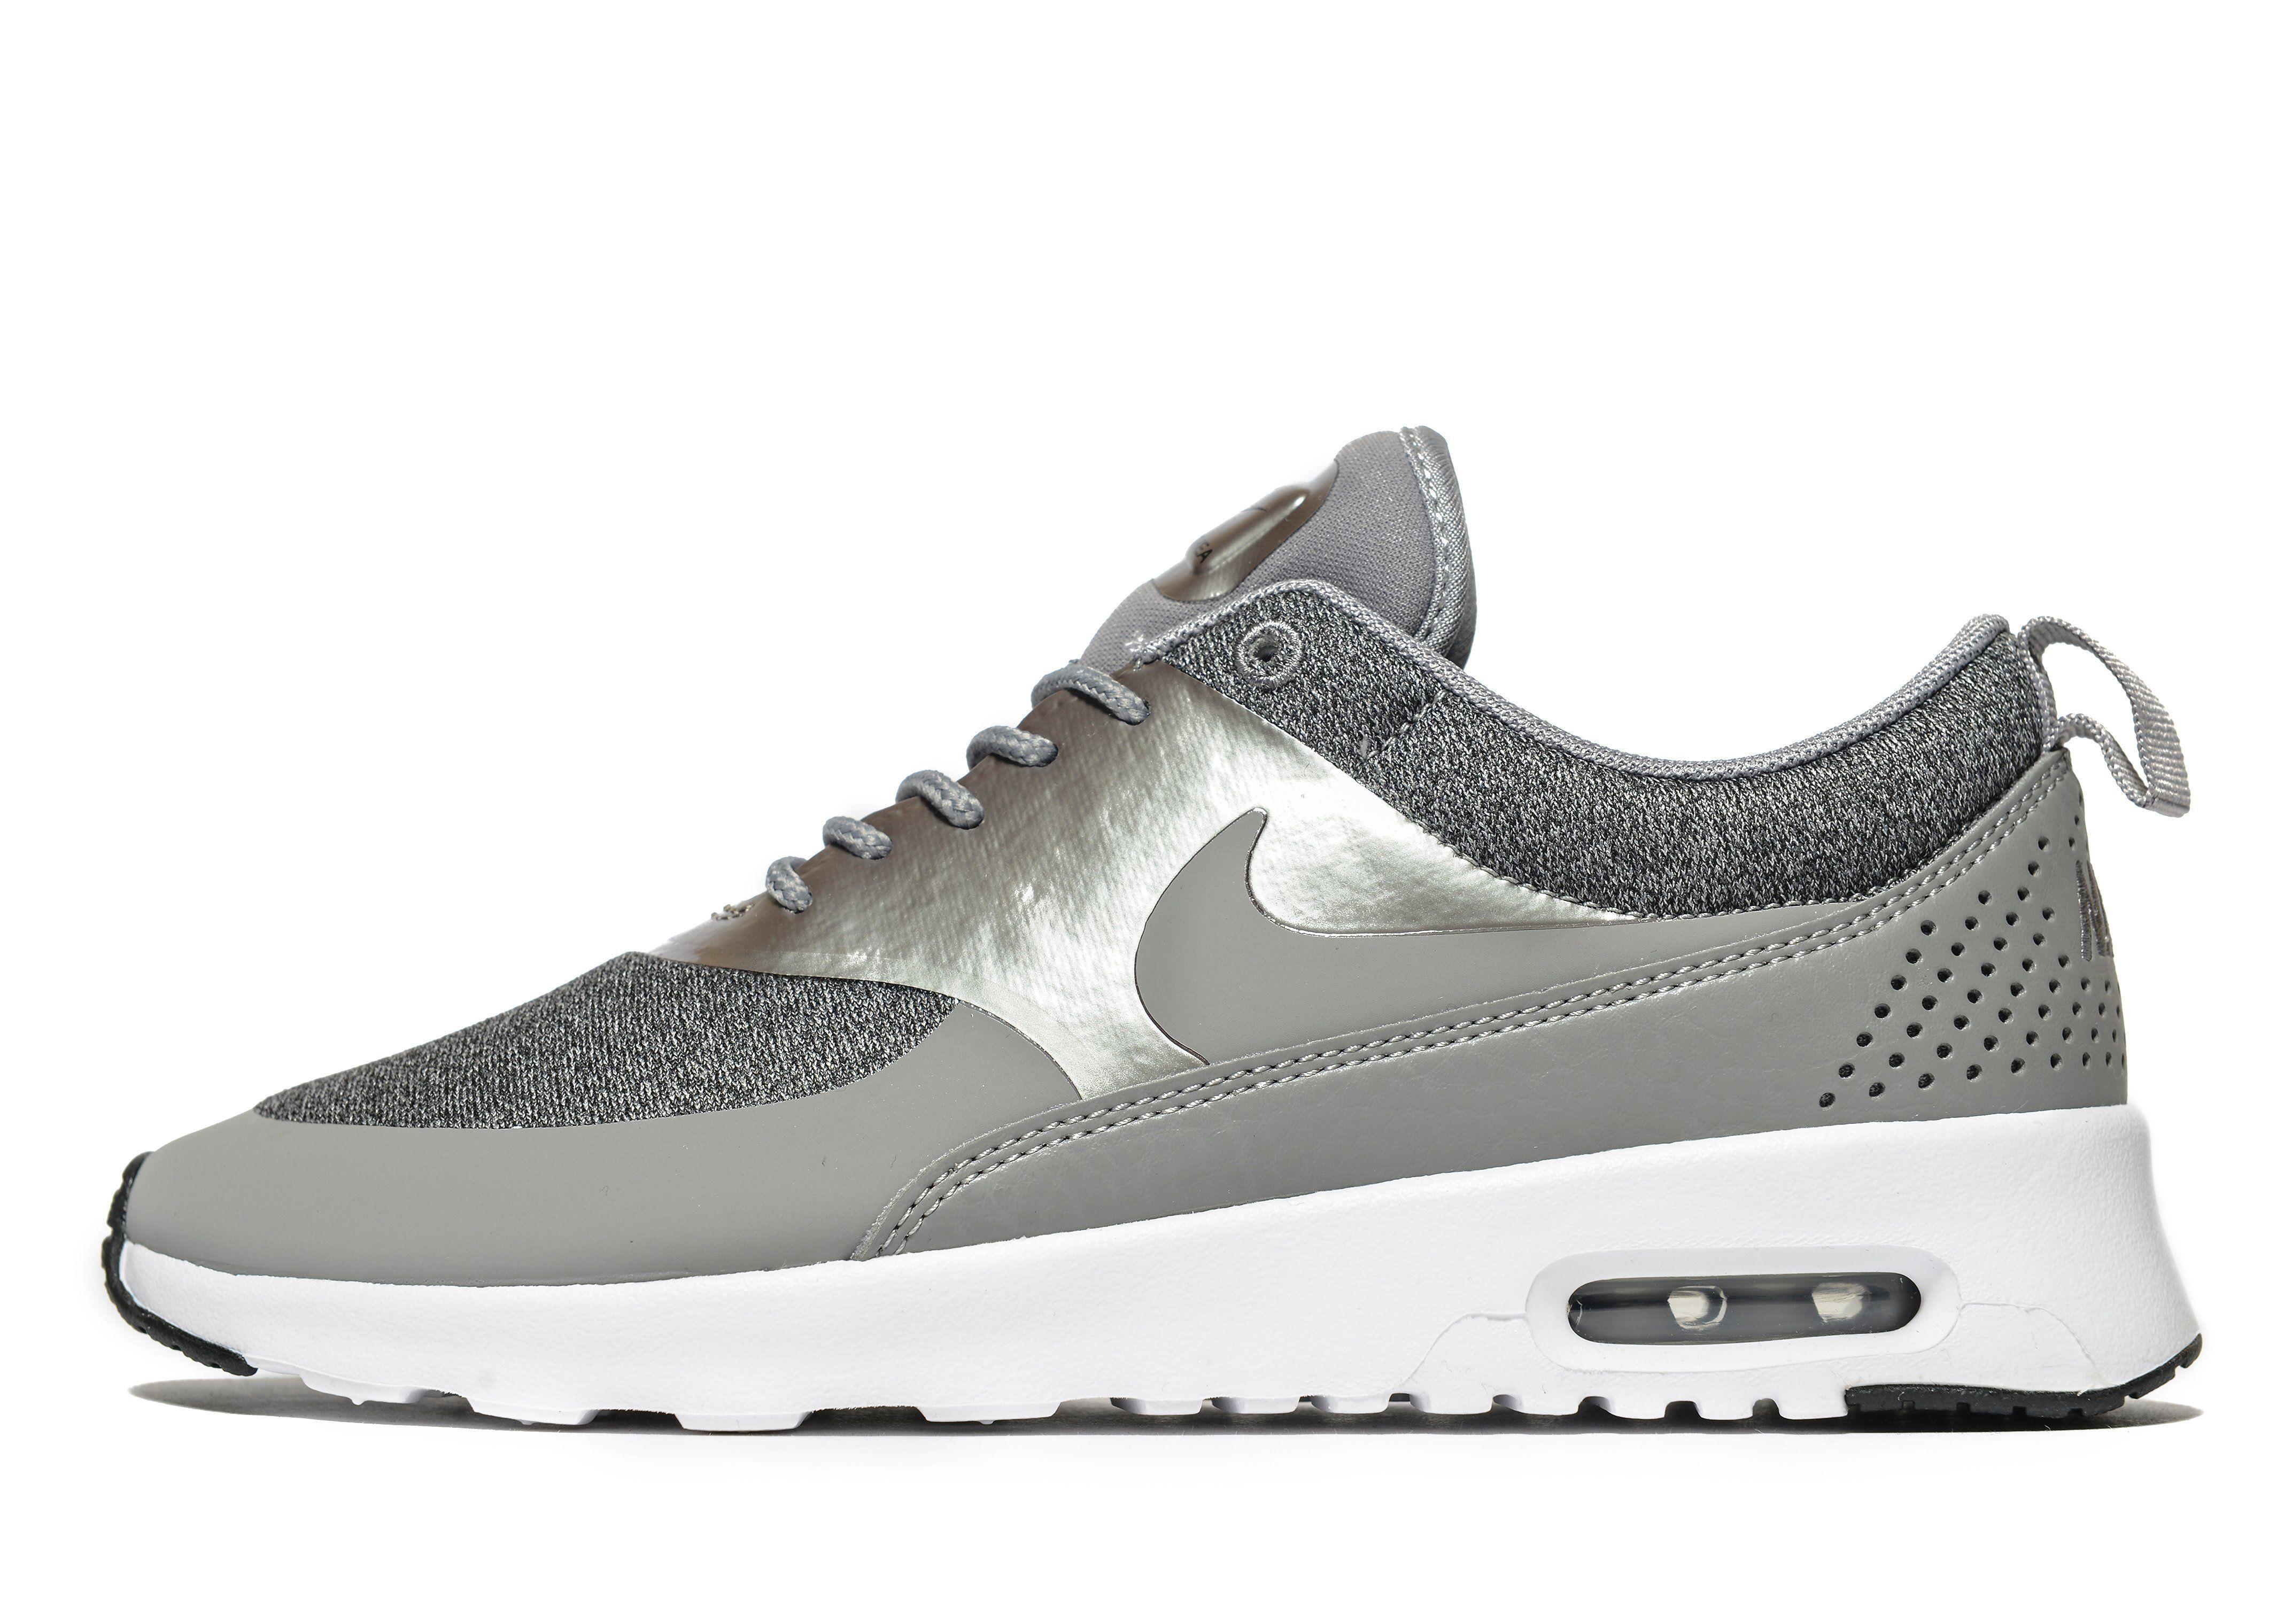 Nike Air Max Thea Strick Damen Online Shoppen für (: Titel